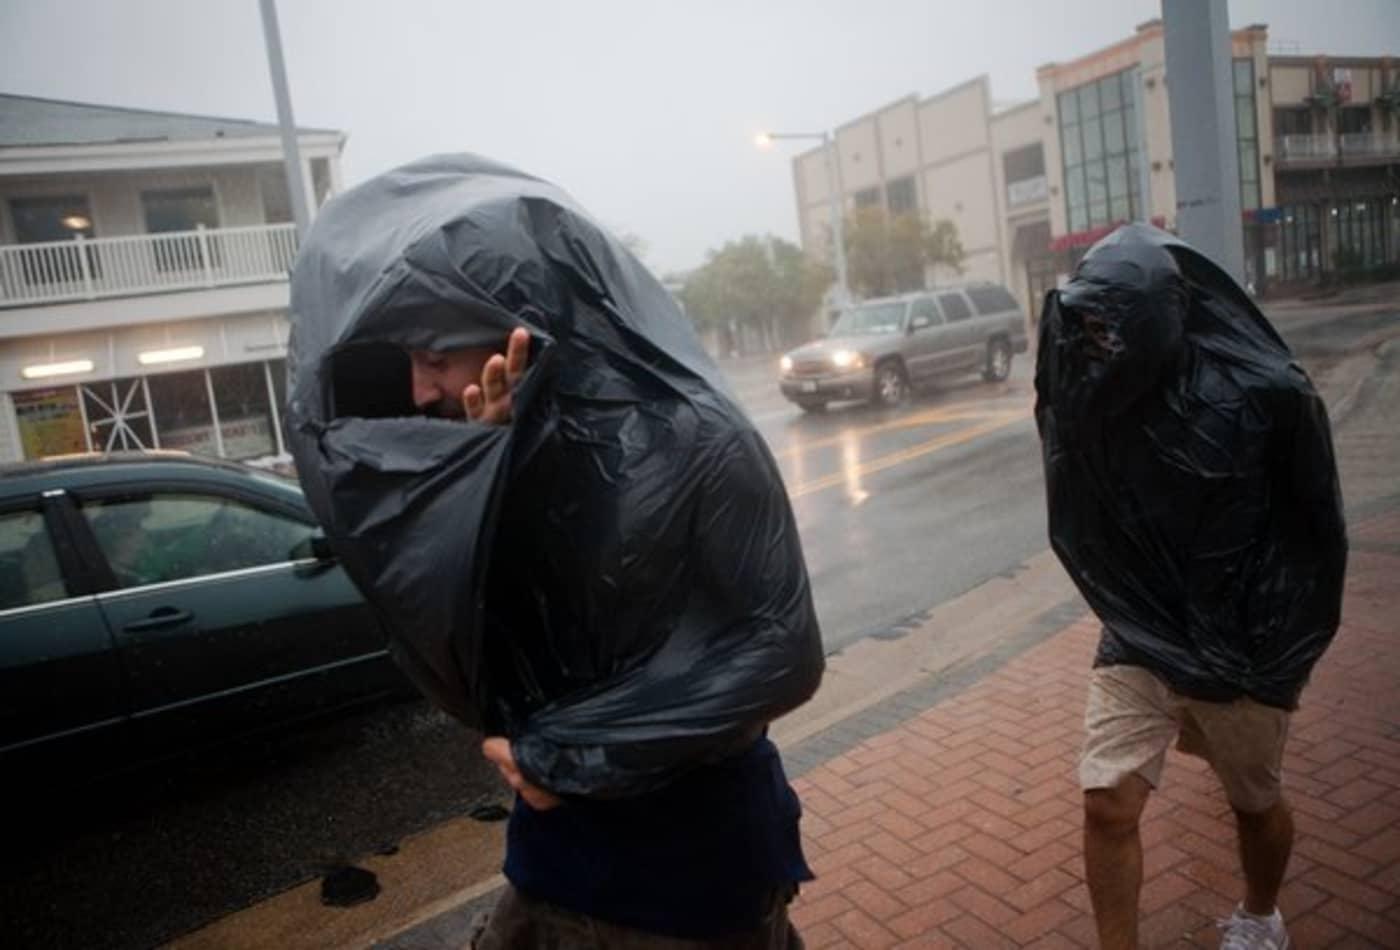 Irene_AUG27_VA1_virginiabeach_rain.jpg